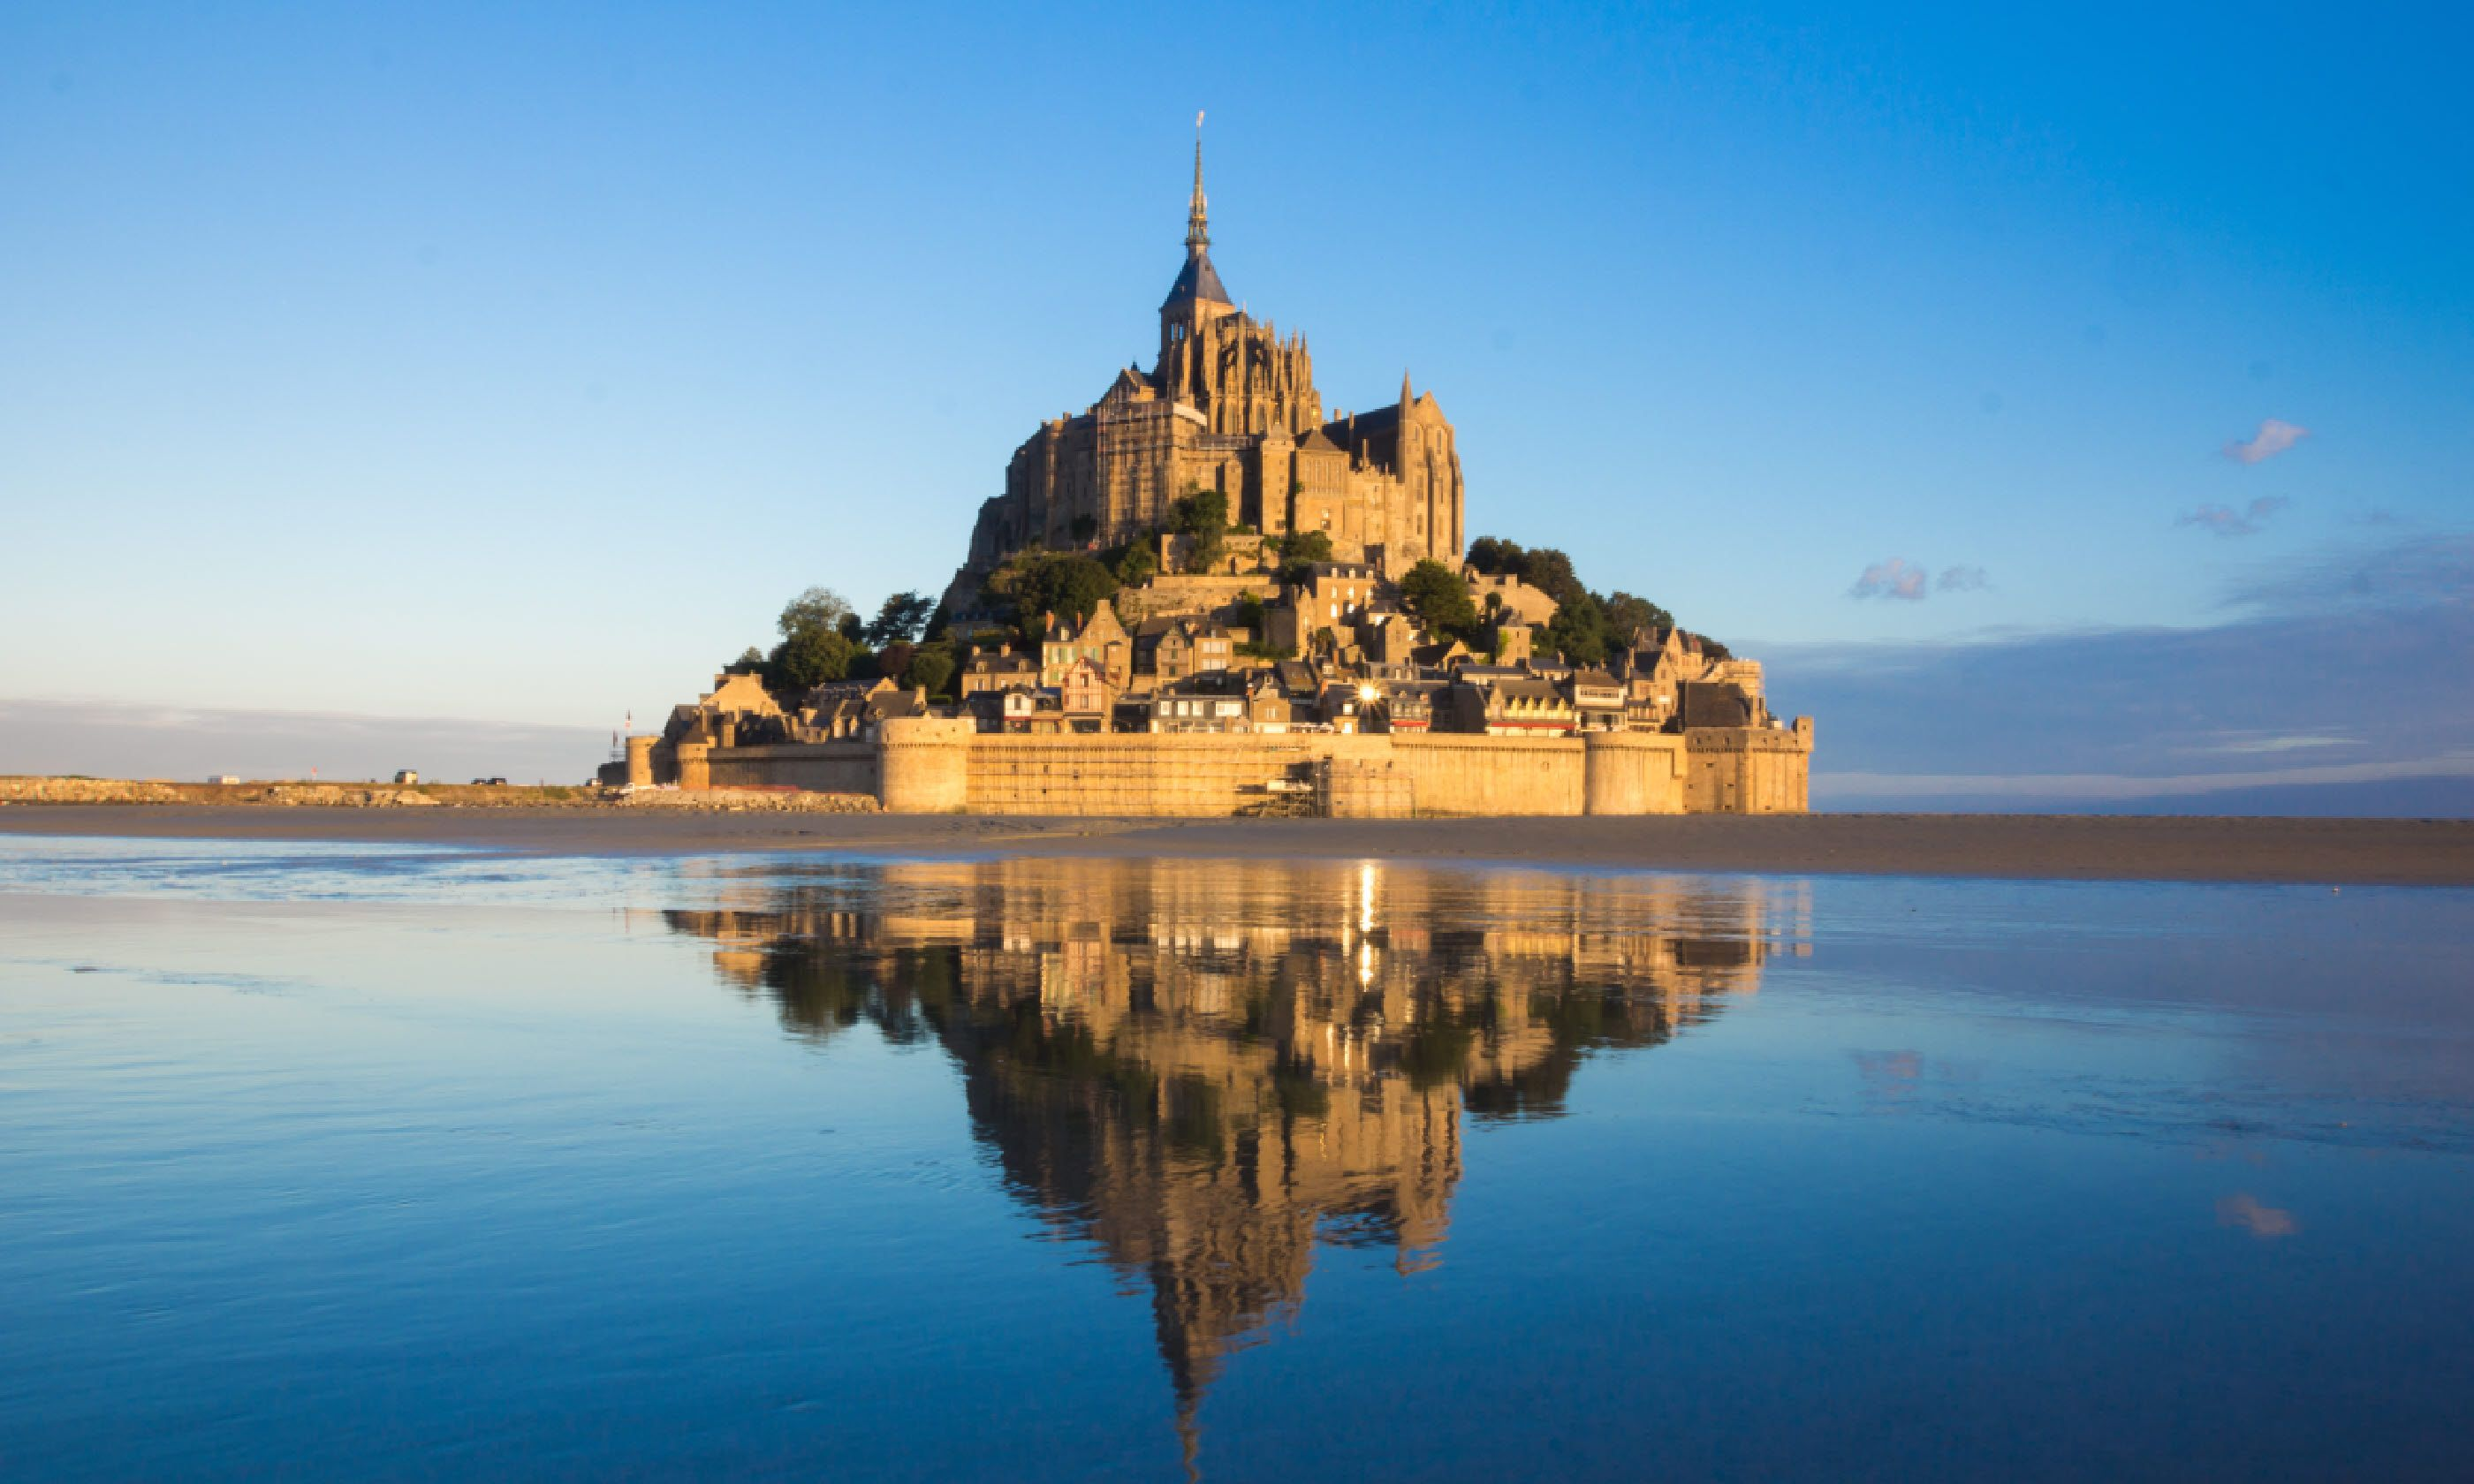 Castle of Mont Saint Michel in France